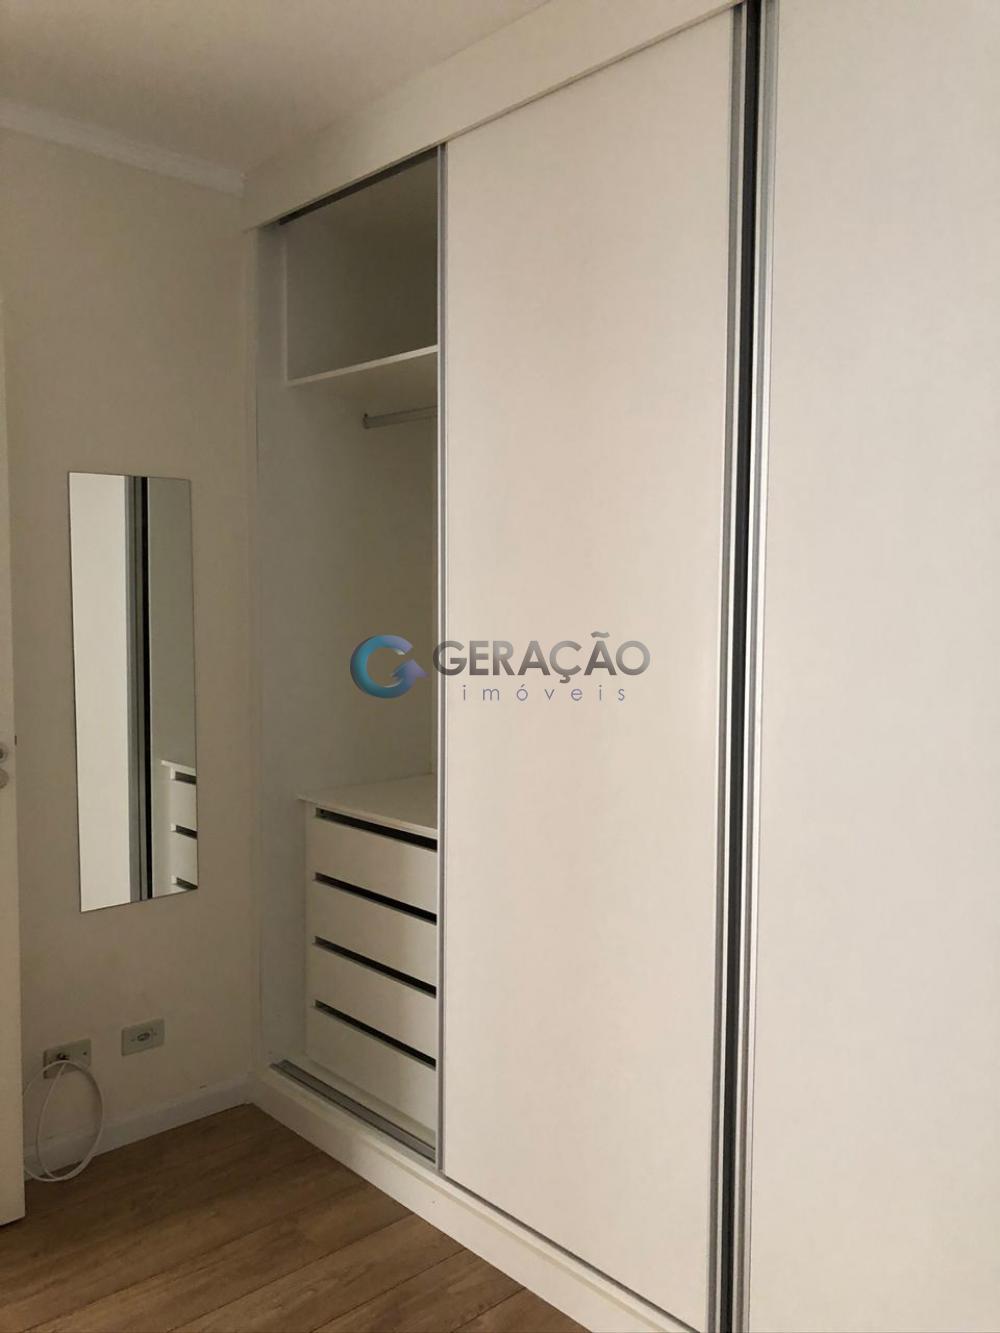 Alugar Apartamento / Padrão em São José dos Campos R$ 1.000,00 - Foto 6